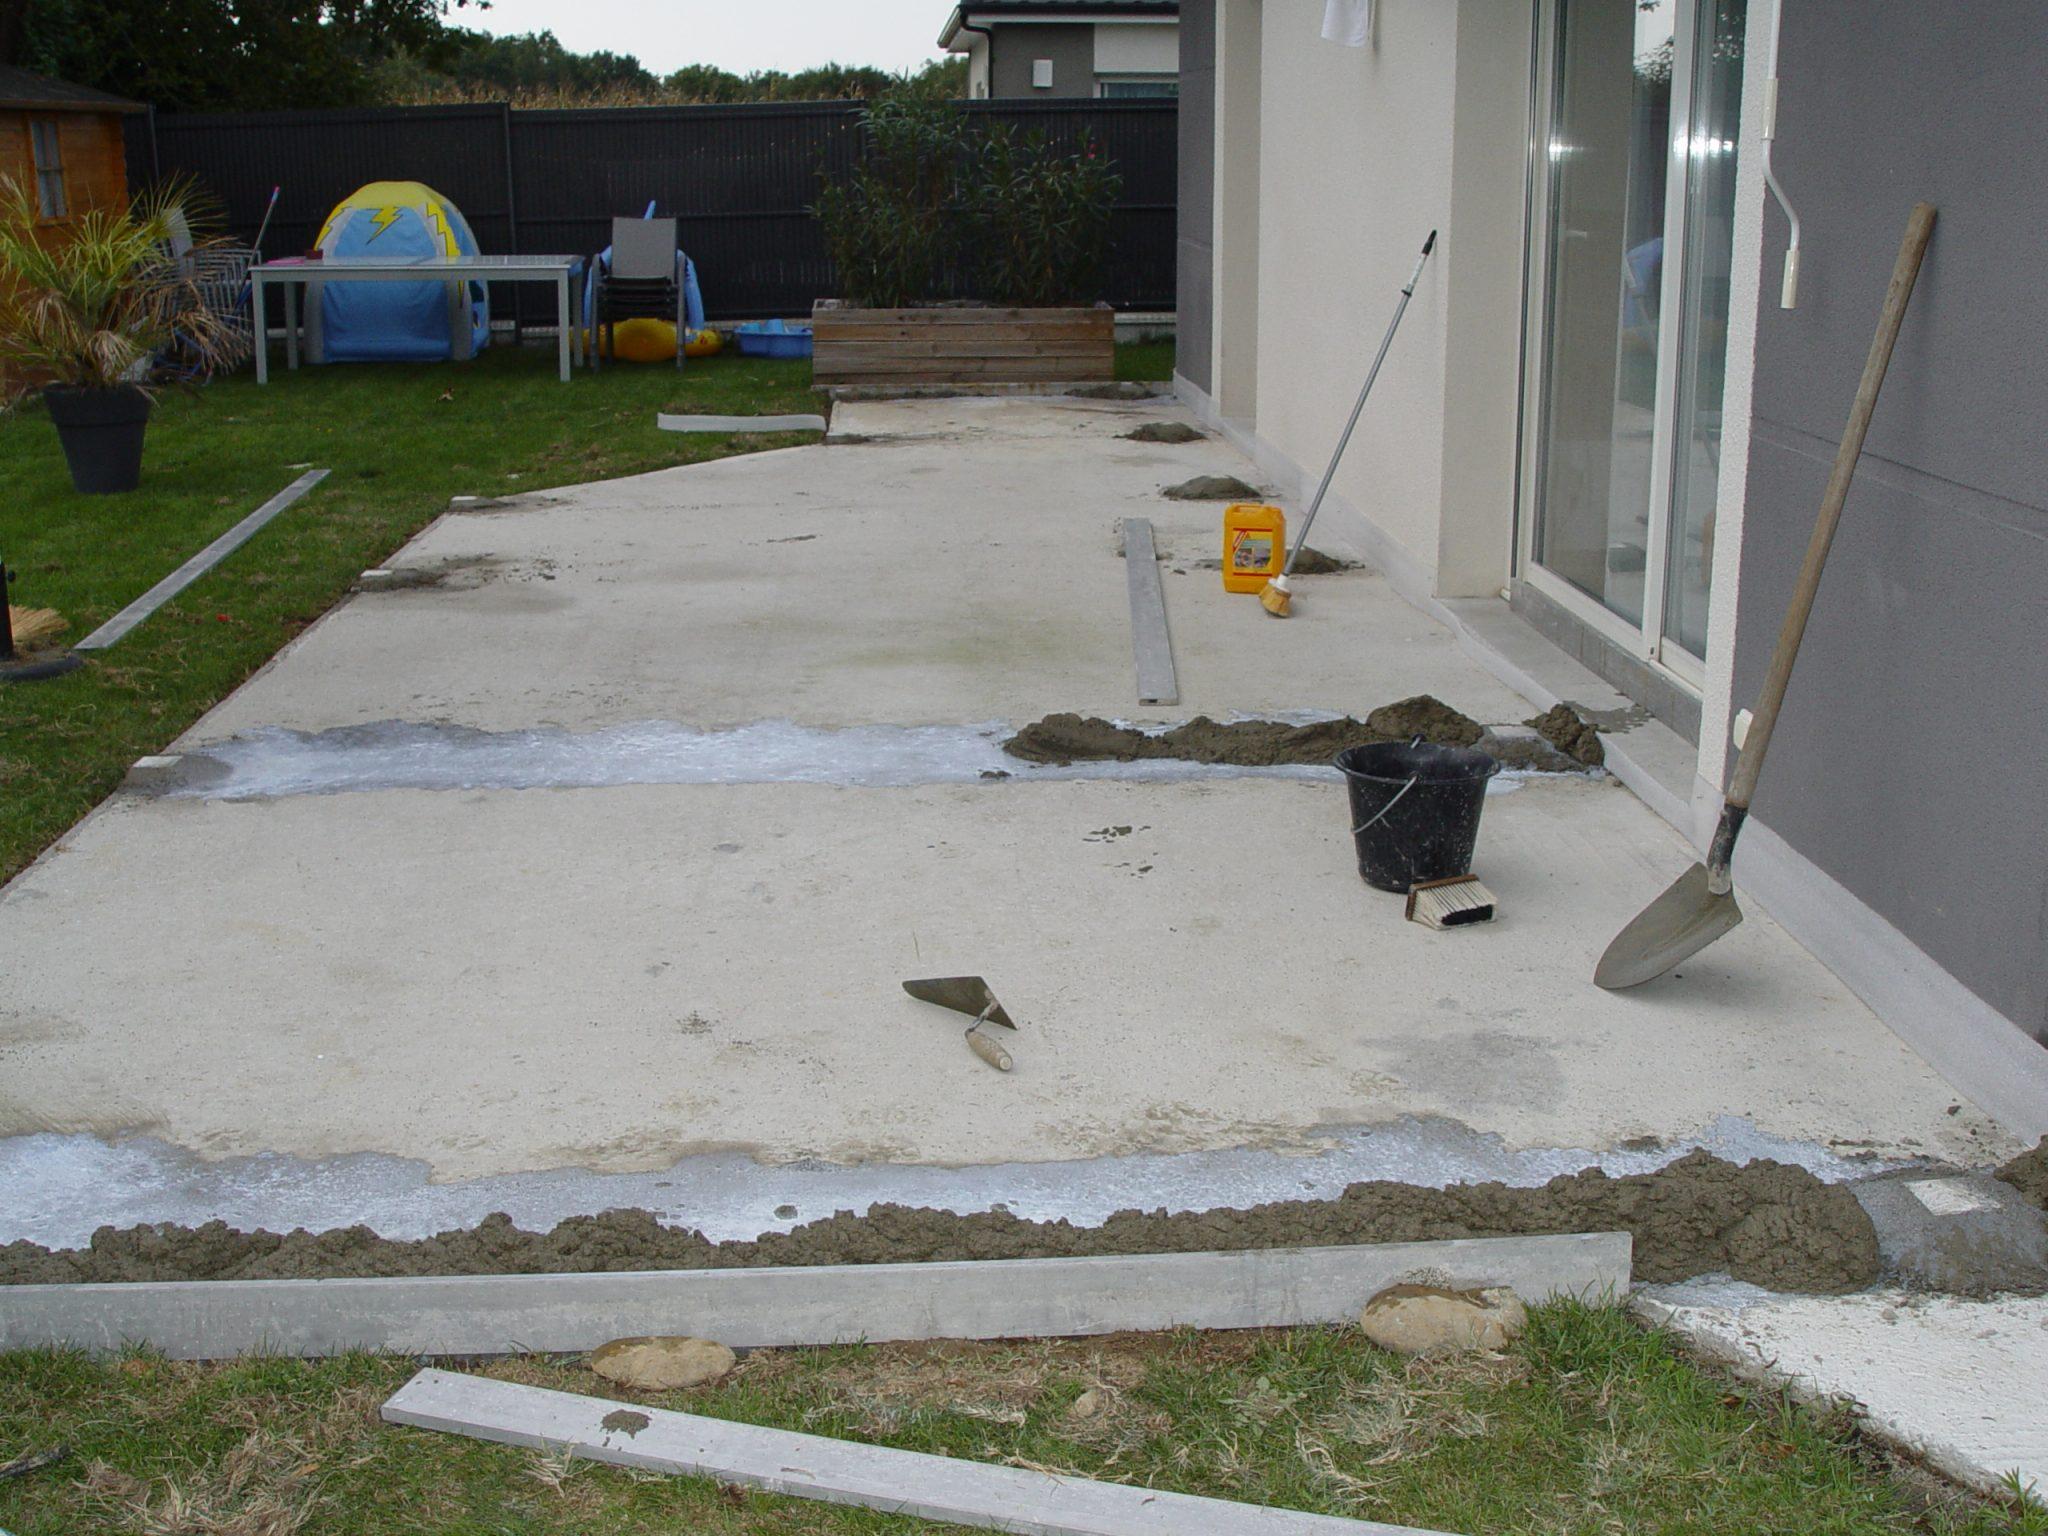 Comment Fabriquer Une Terrasse En Beton comment réaliser une terrasse - découvrez nos conseils et